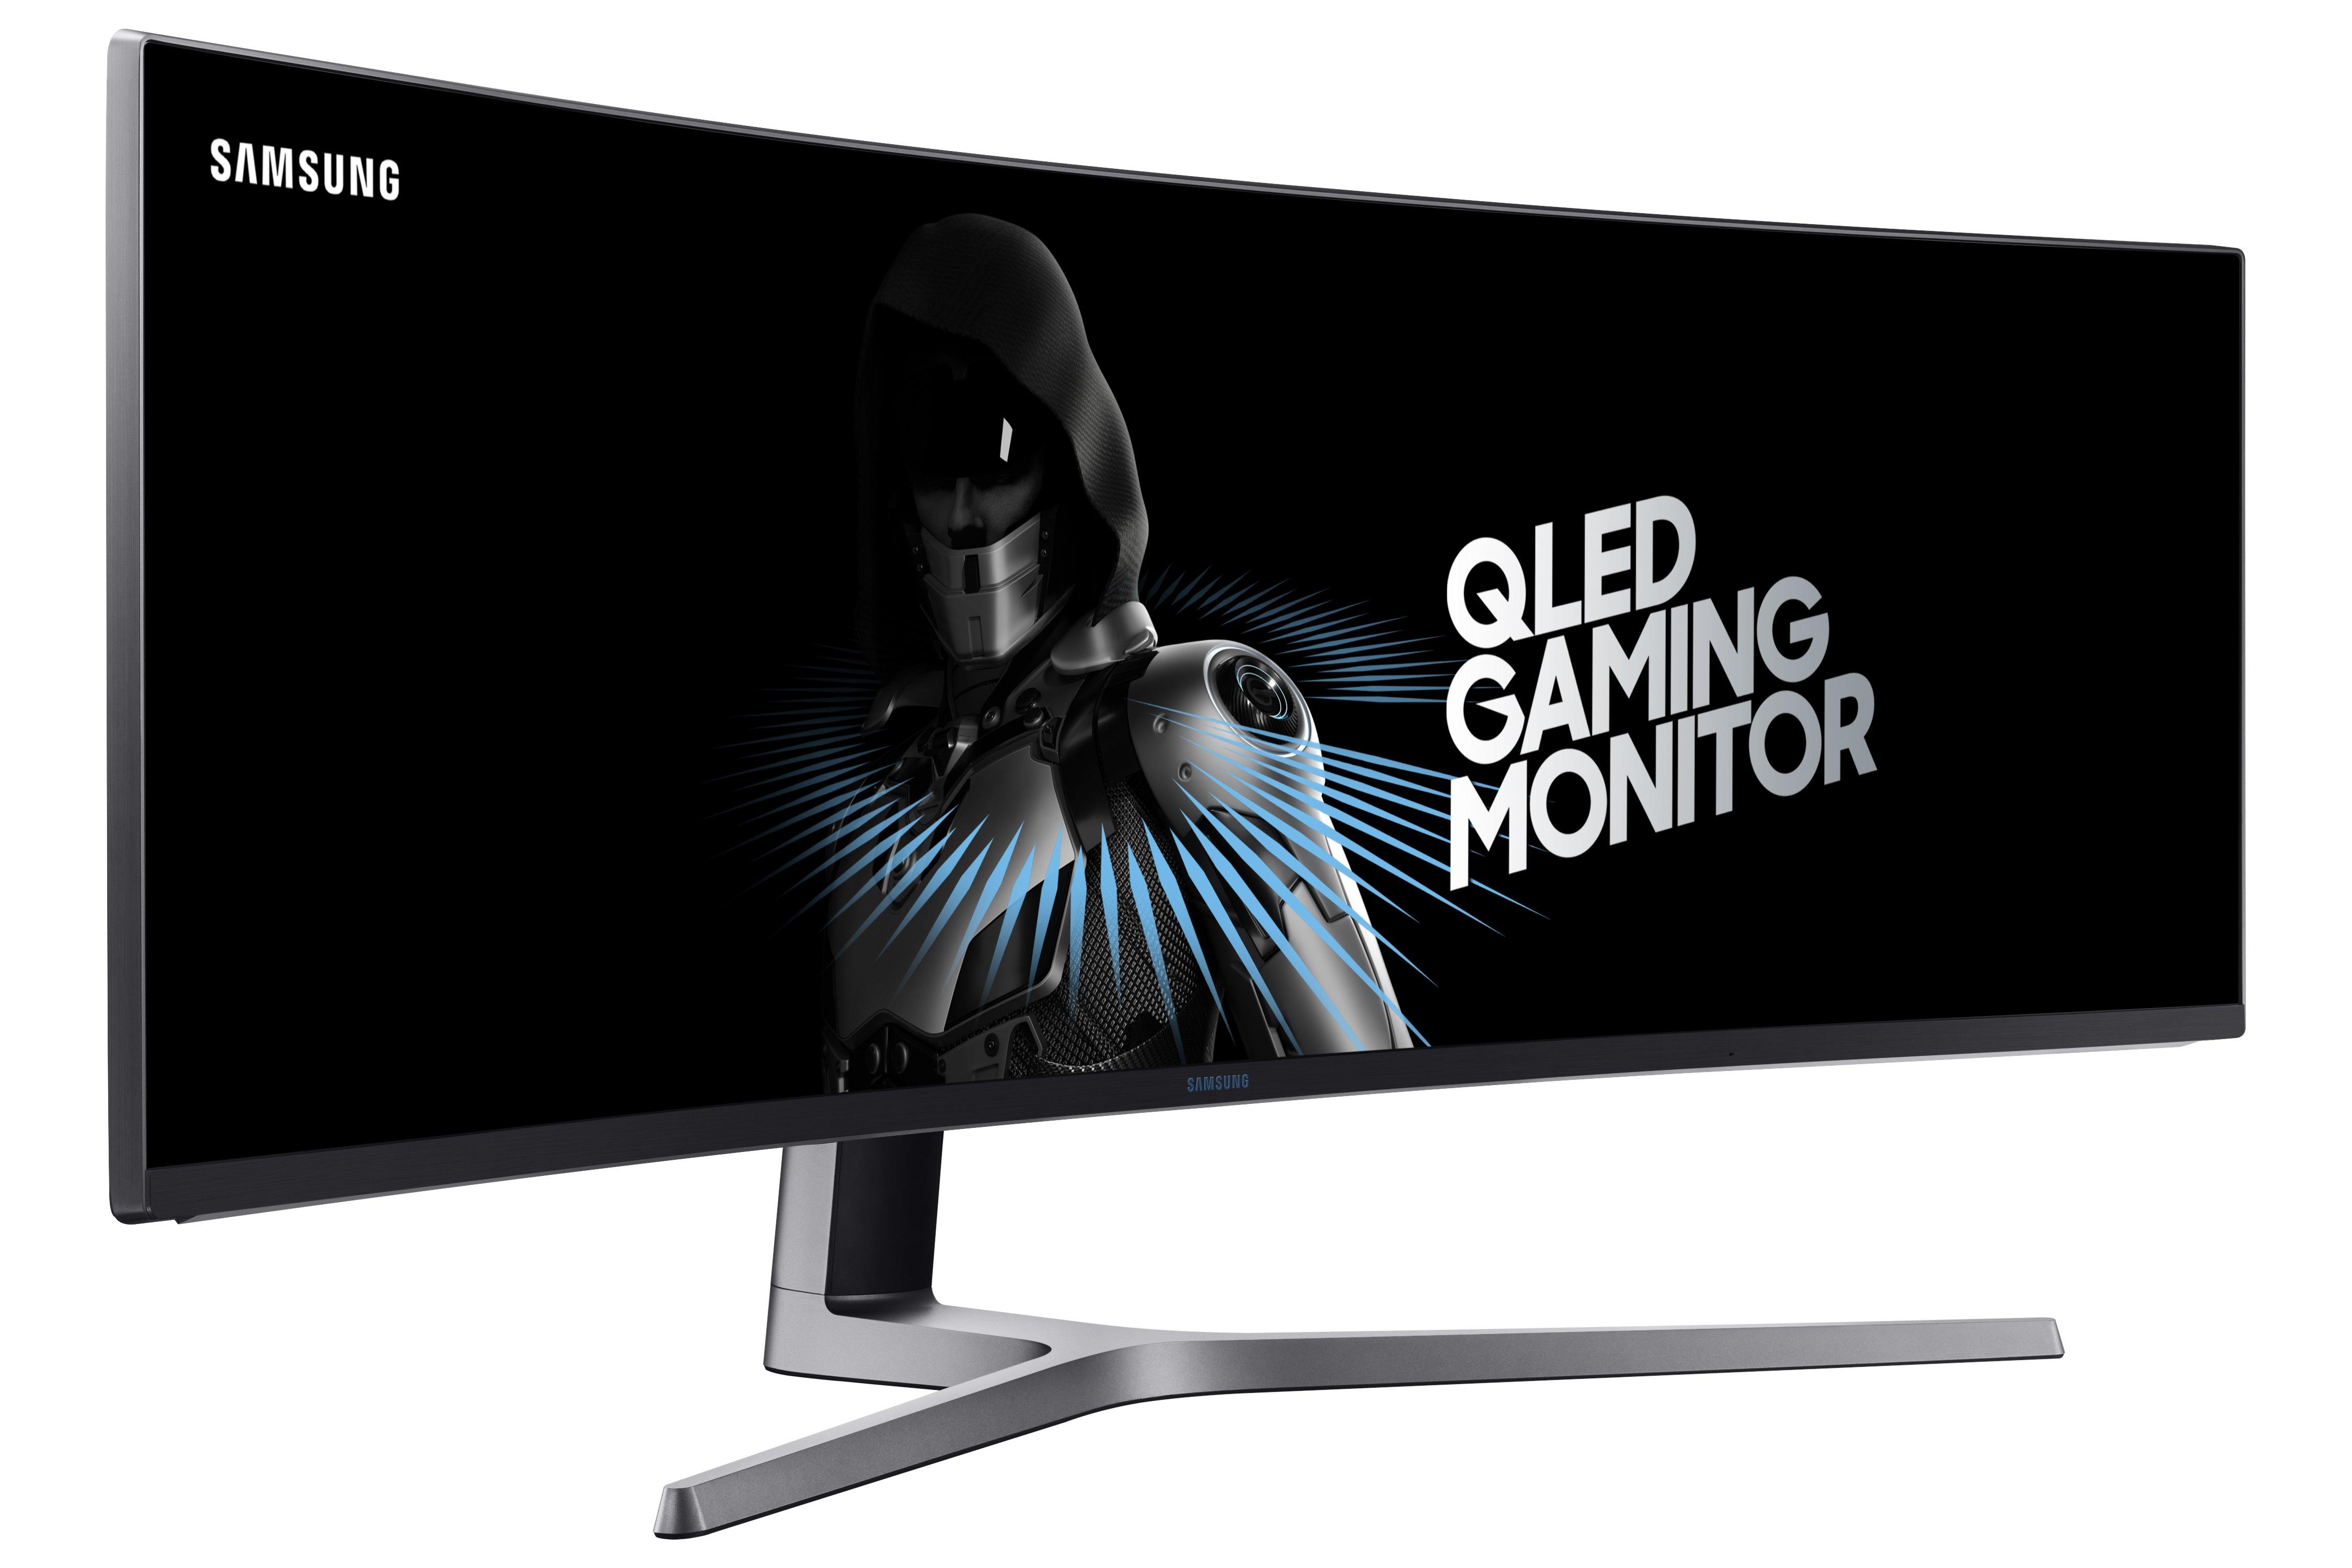 Samsung satser på store spillskjermer med ny teknologi. Ekstra gode er skjermene for de med AMD-skjermkort.